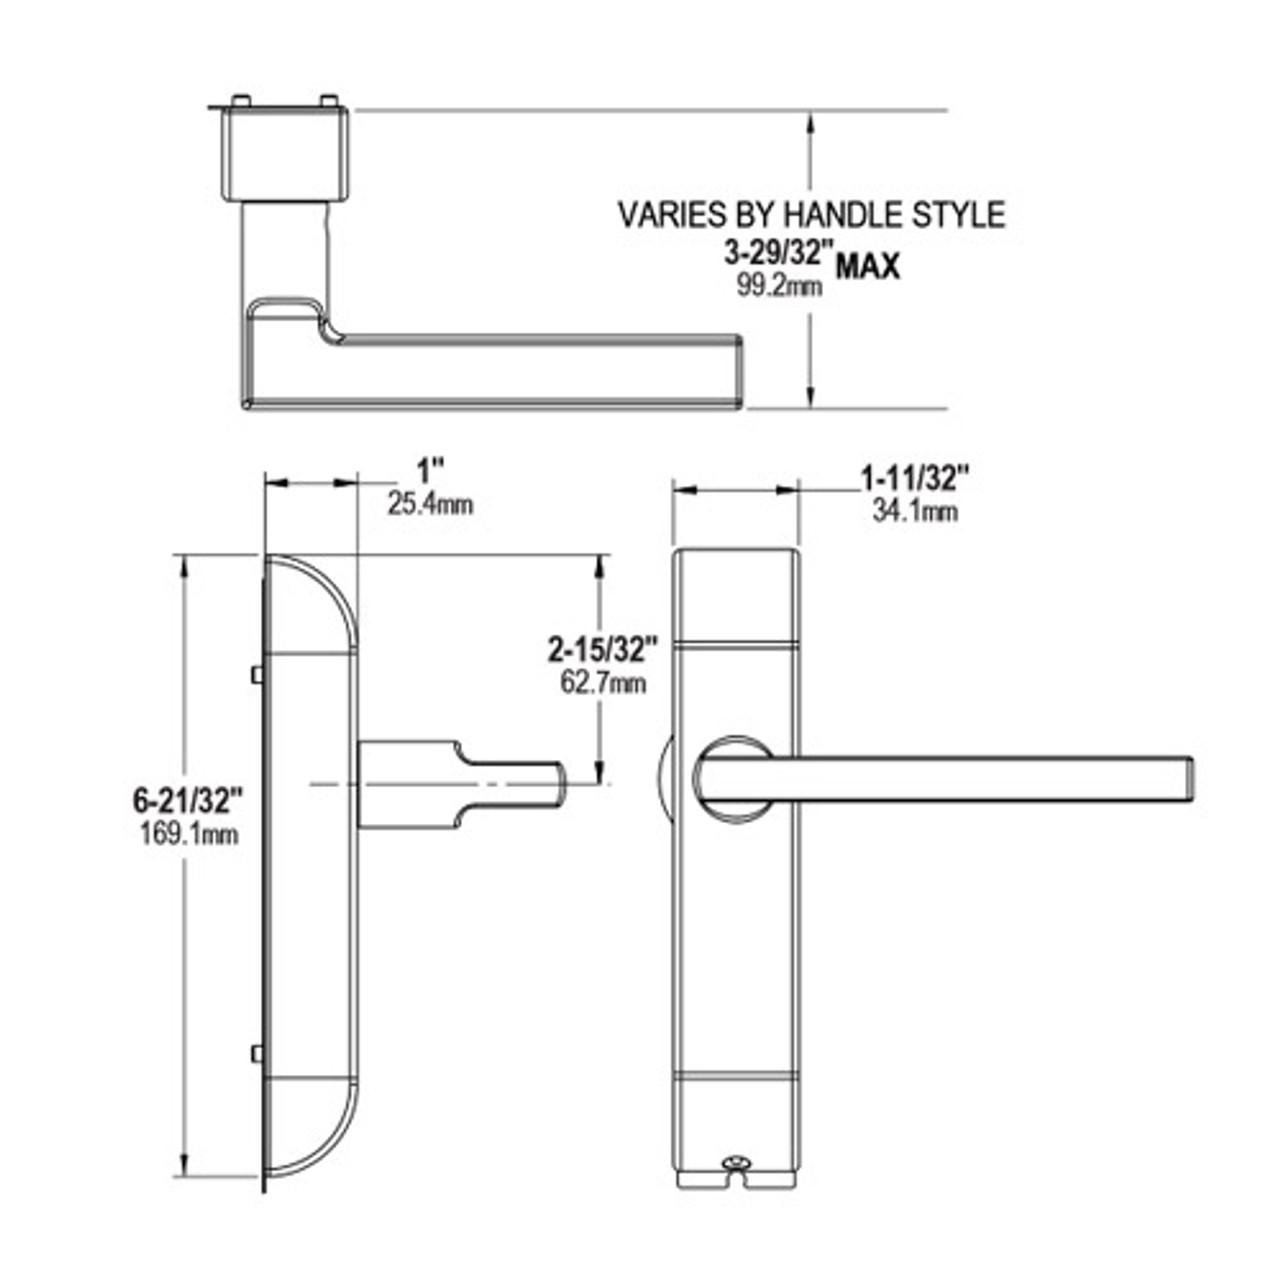 4600-MJ-632-US3 Adams Rite MJ Designer handle Dimensional View